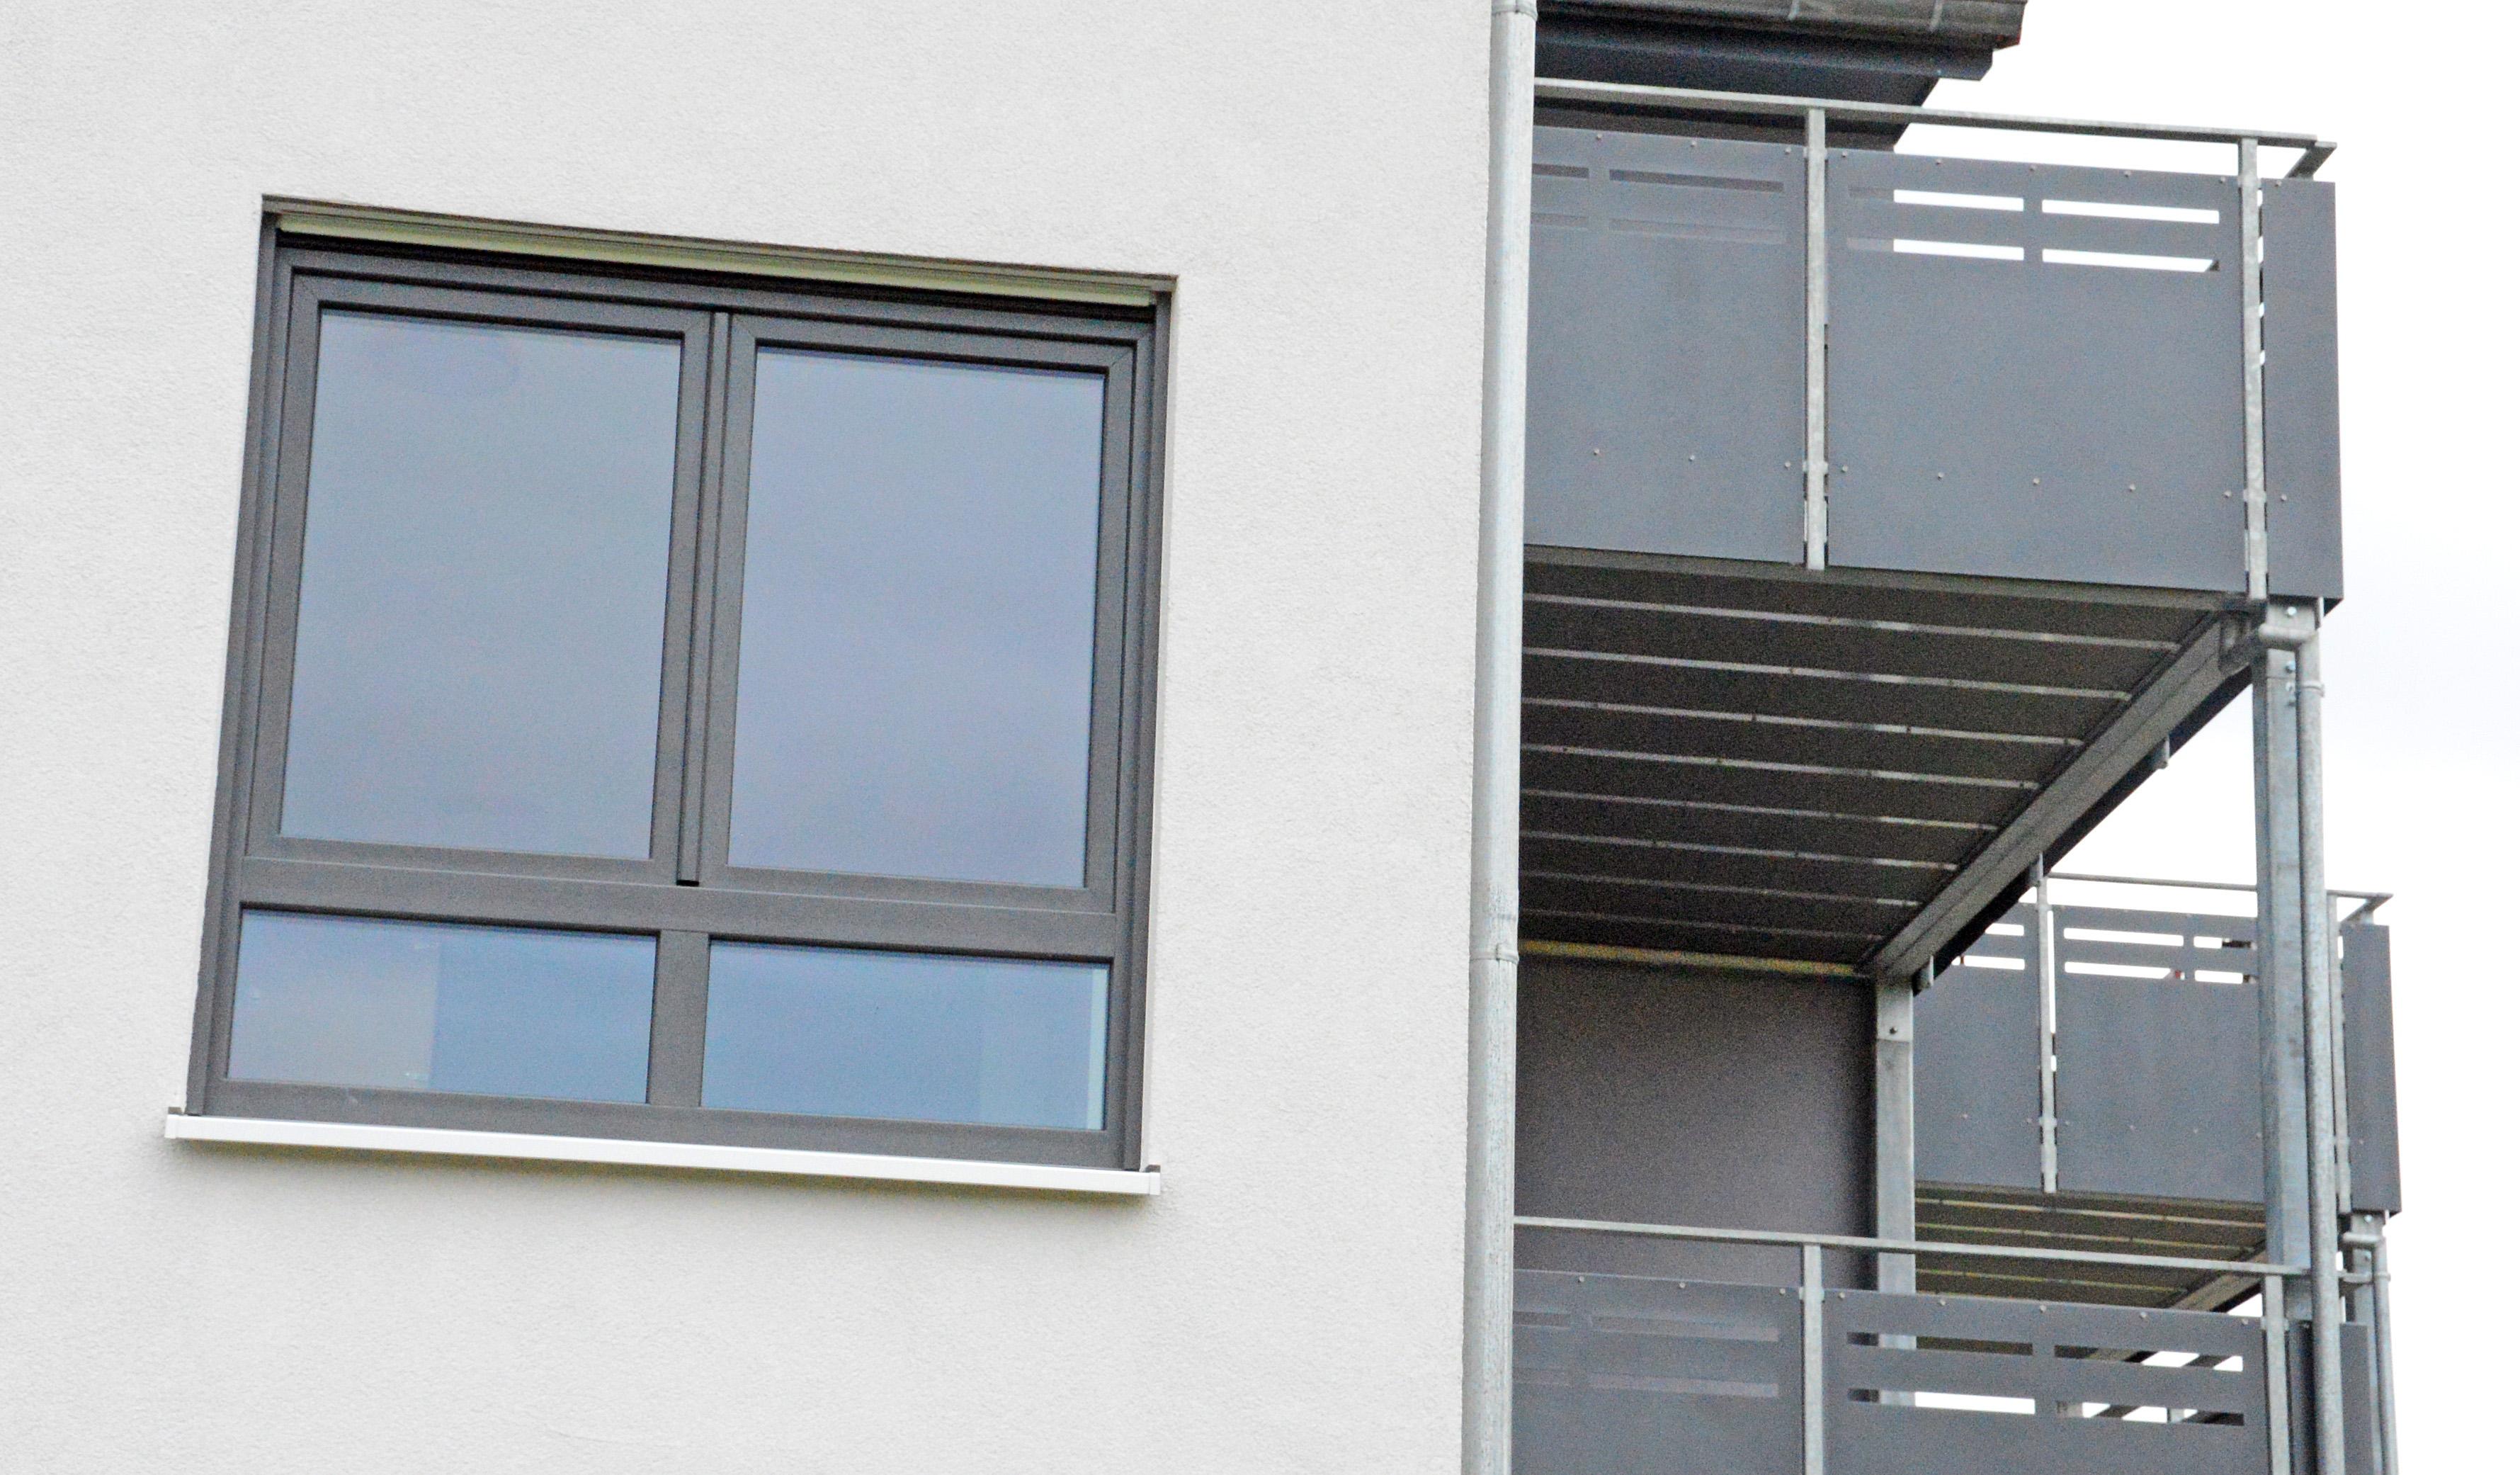 Fenster 24